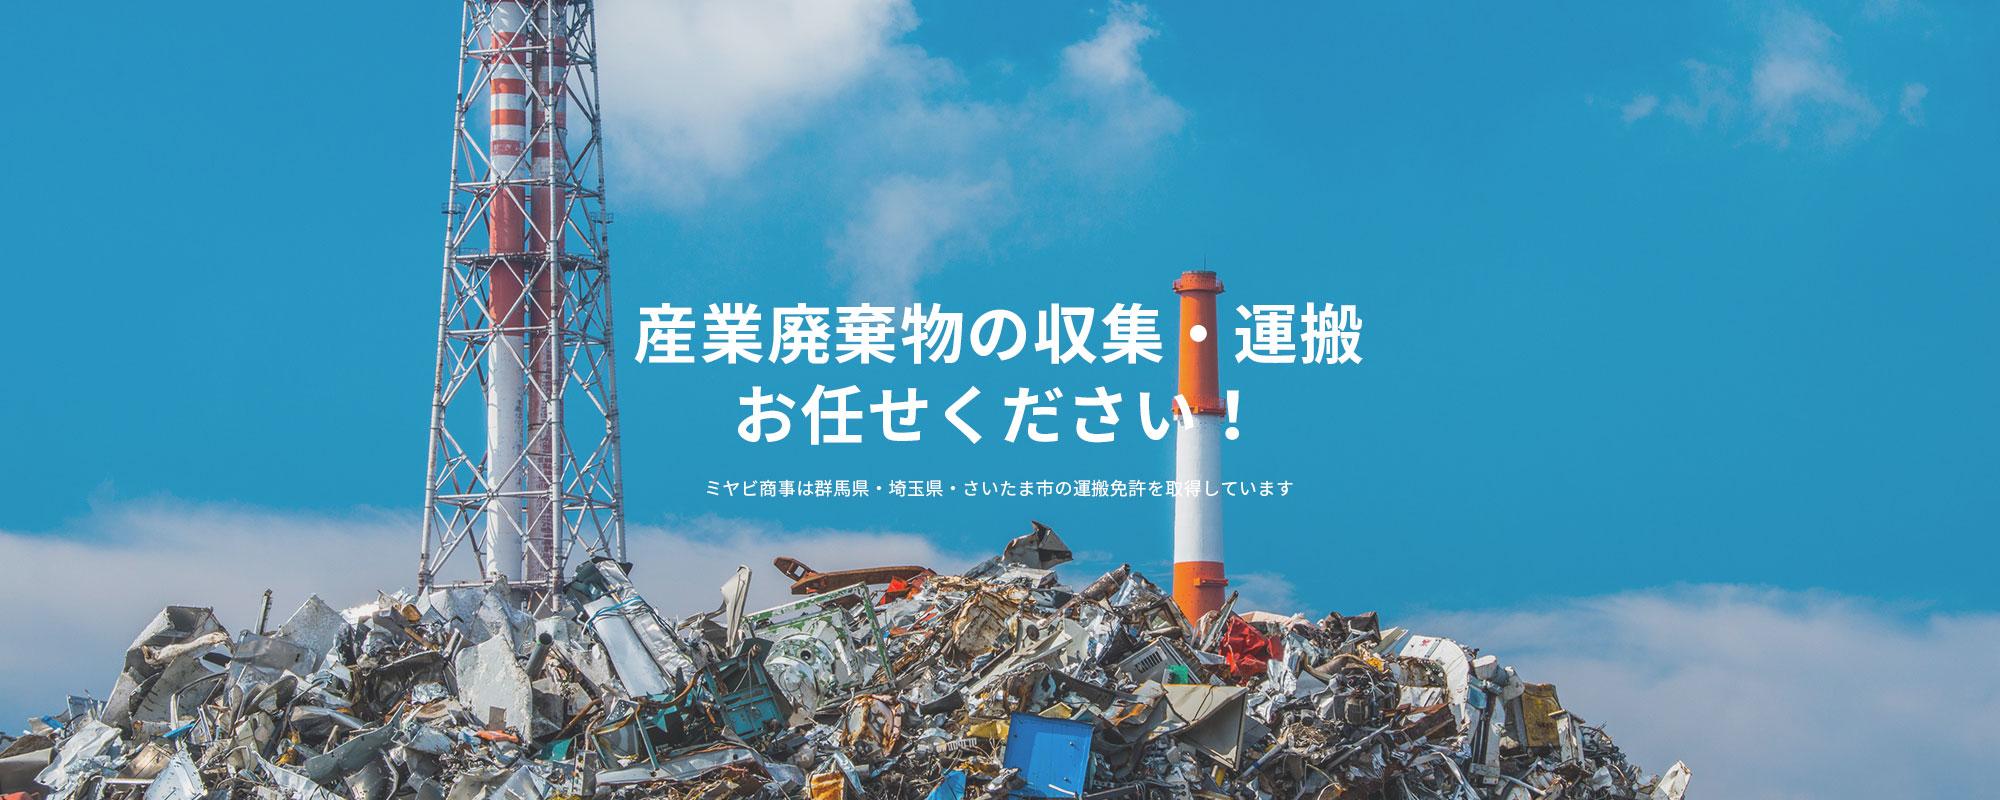 産業廃棄物の収集・運搬お任せください!